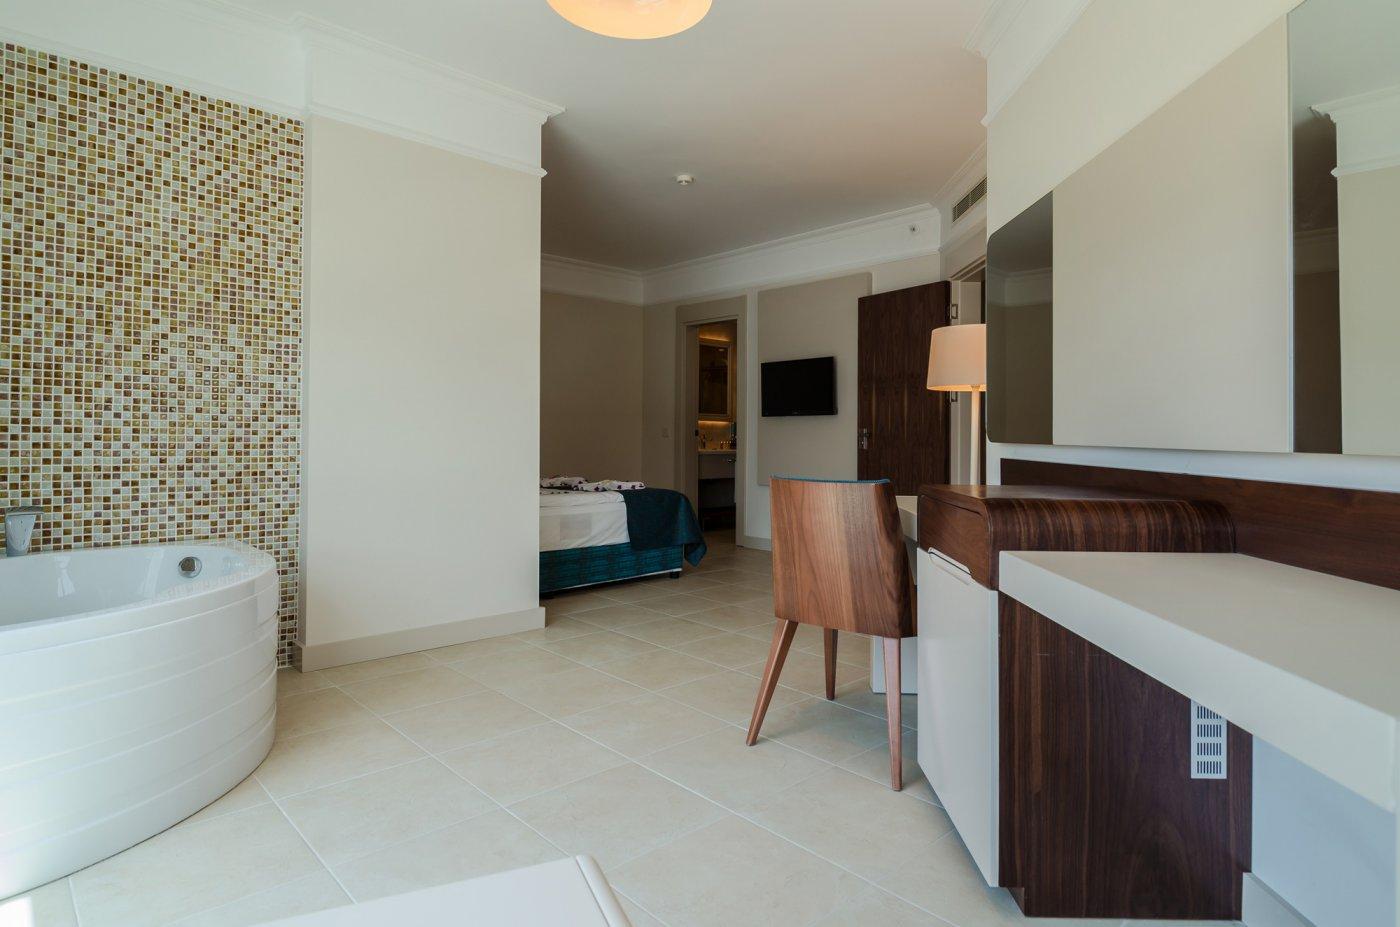 Фото отеля The Lumos Deluxe Resort Hotel & Spa 5* (Зе Люмос Делюкс Резорт Отель энд Спа 5*)